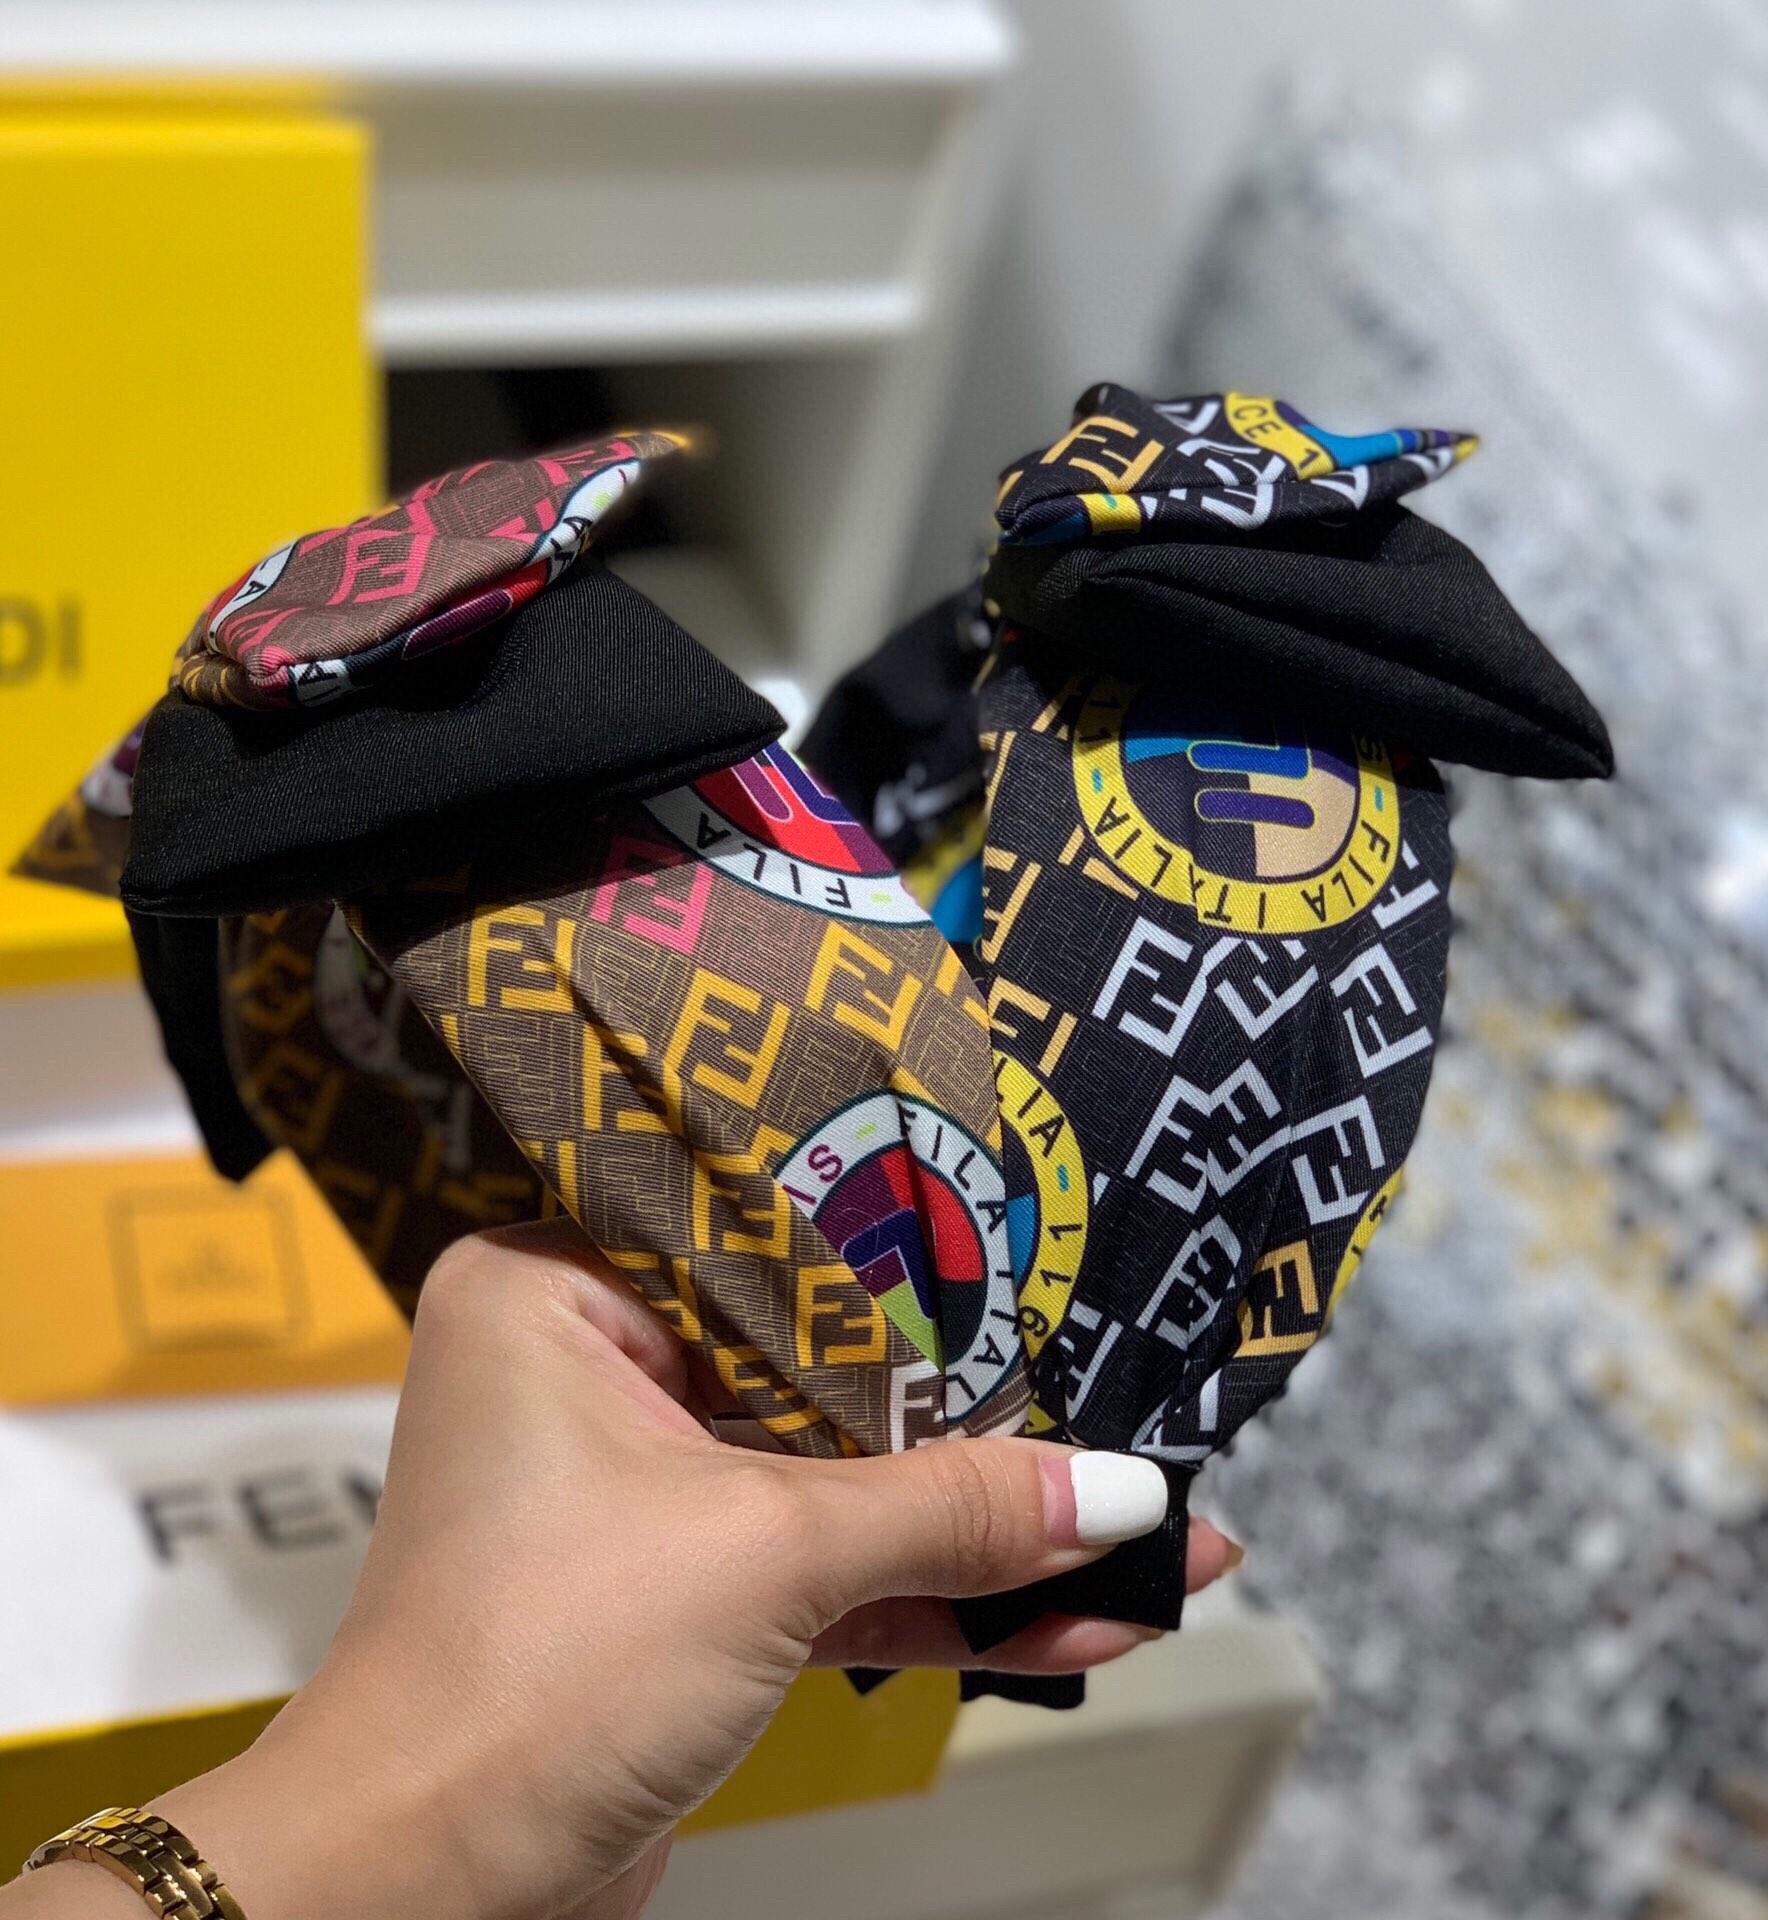 I più nuovi donne fasce 2020 della lettera di modo di stampa hairband retrò larga arco fascia 2 colori prezzo di fabbrica all'ingrosso YD076